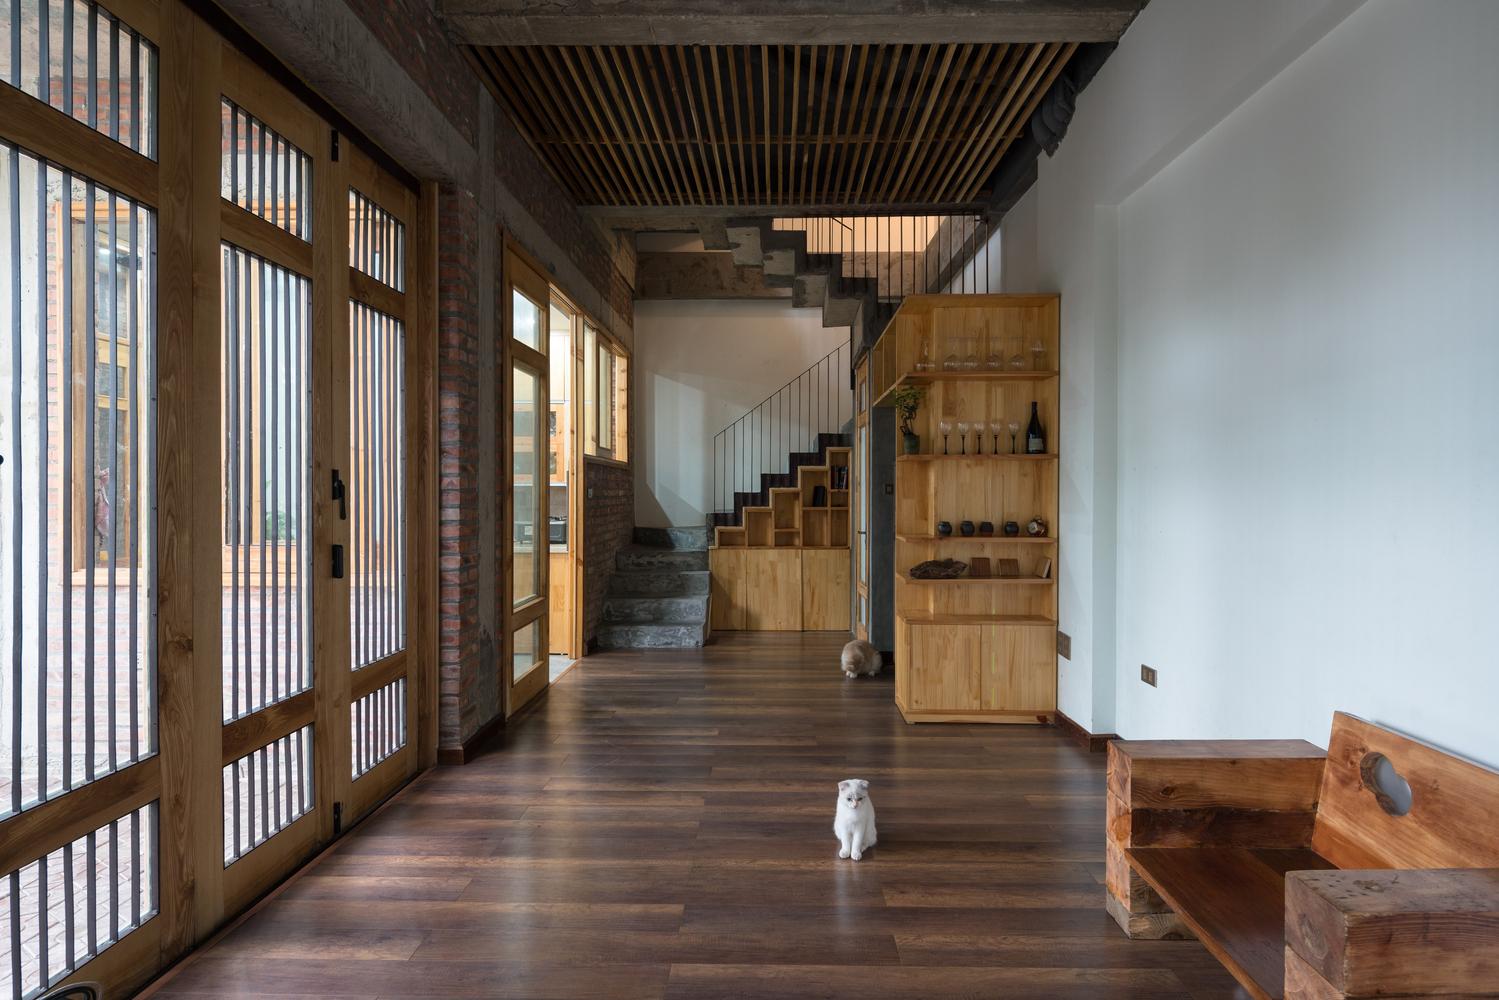 Ngắm ngôi nhà đơn giản và cá tính tại Đà Nẵng